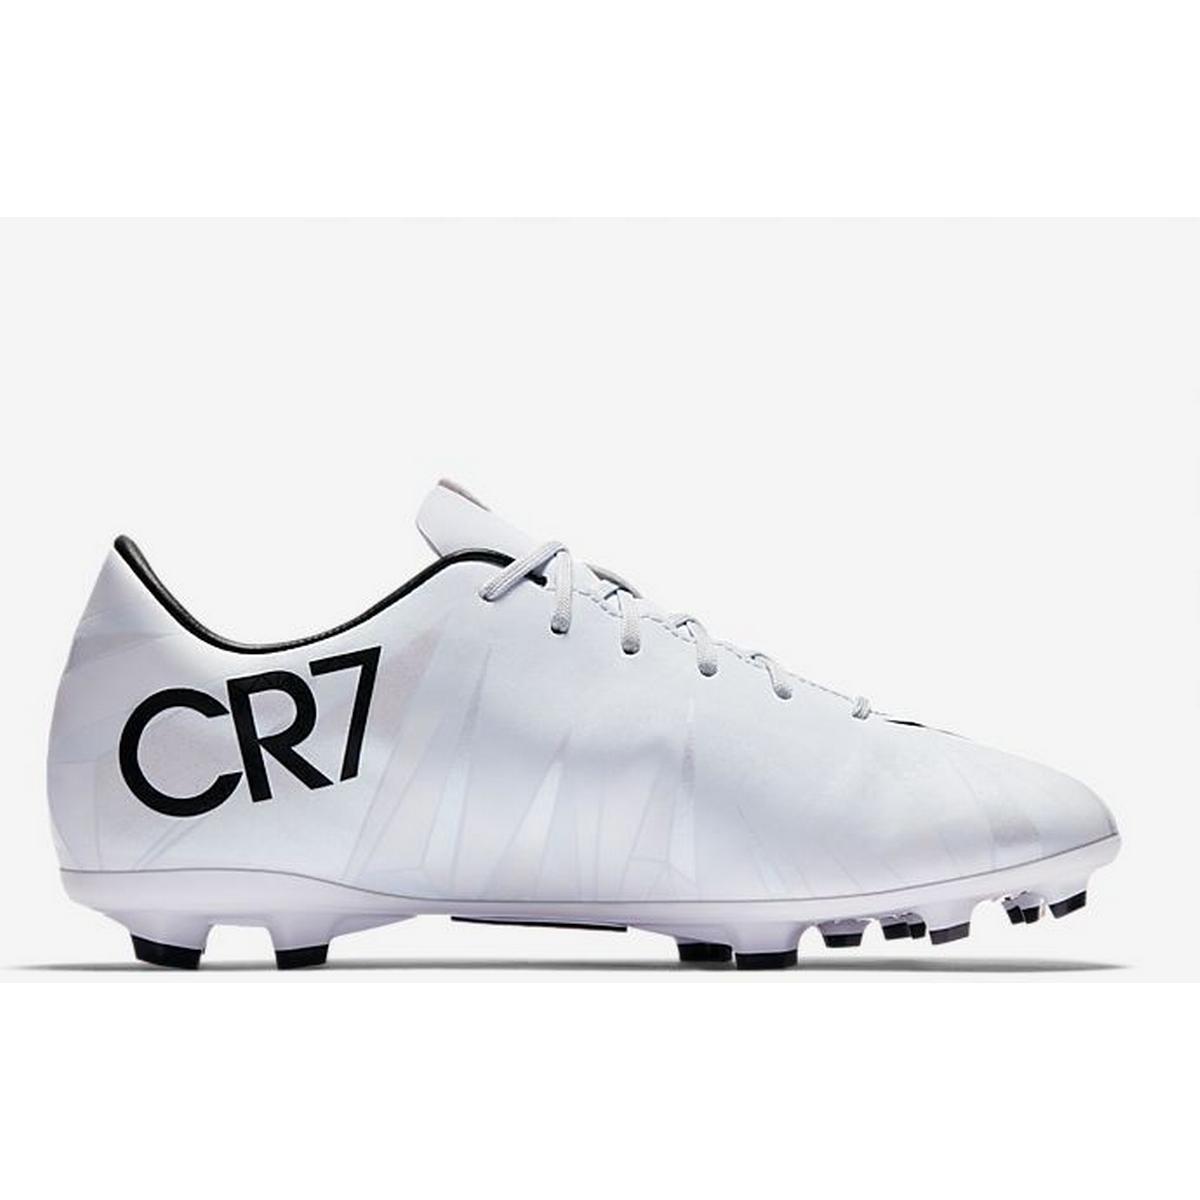 3fad584a Nike Fodboldstøvler Børnesko - Sammenlign priser hos PriceRunner